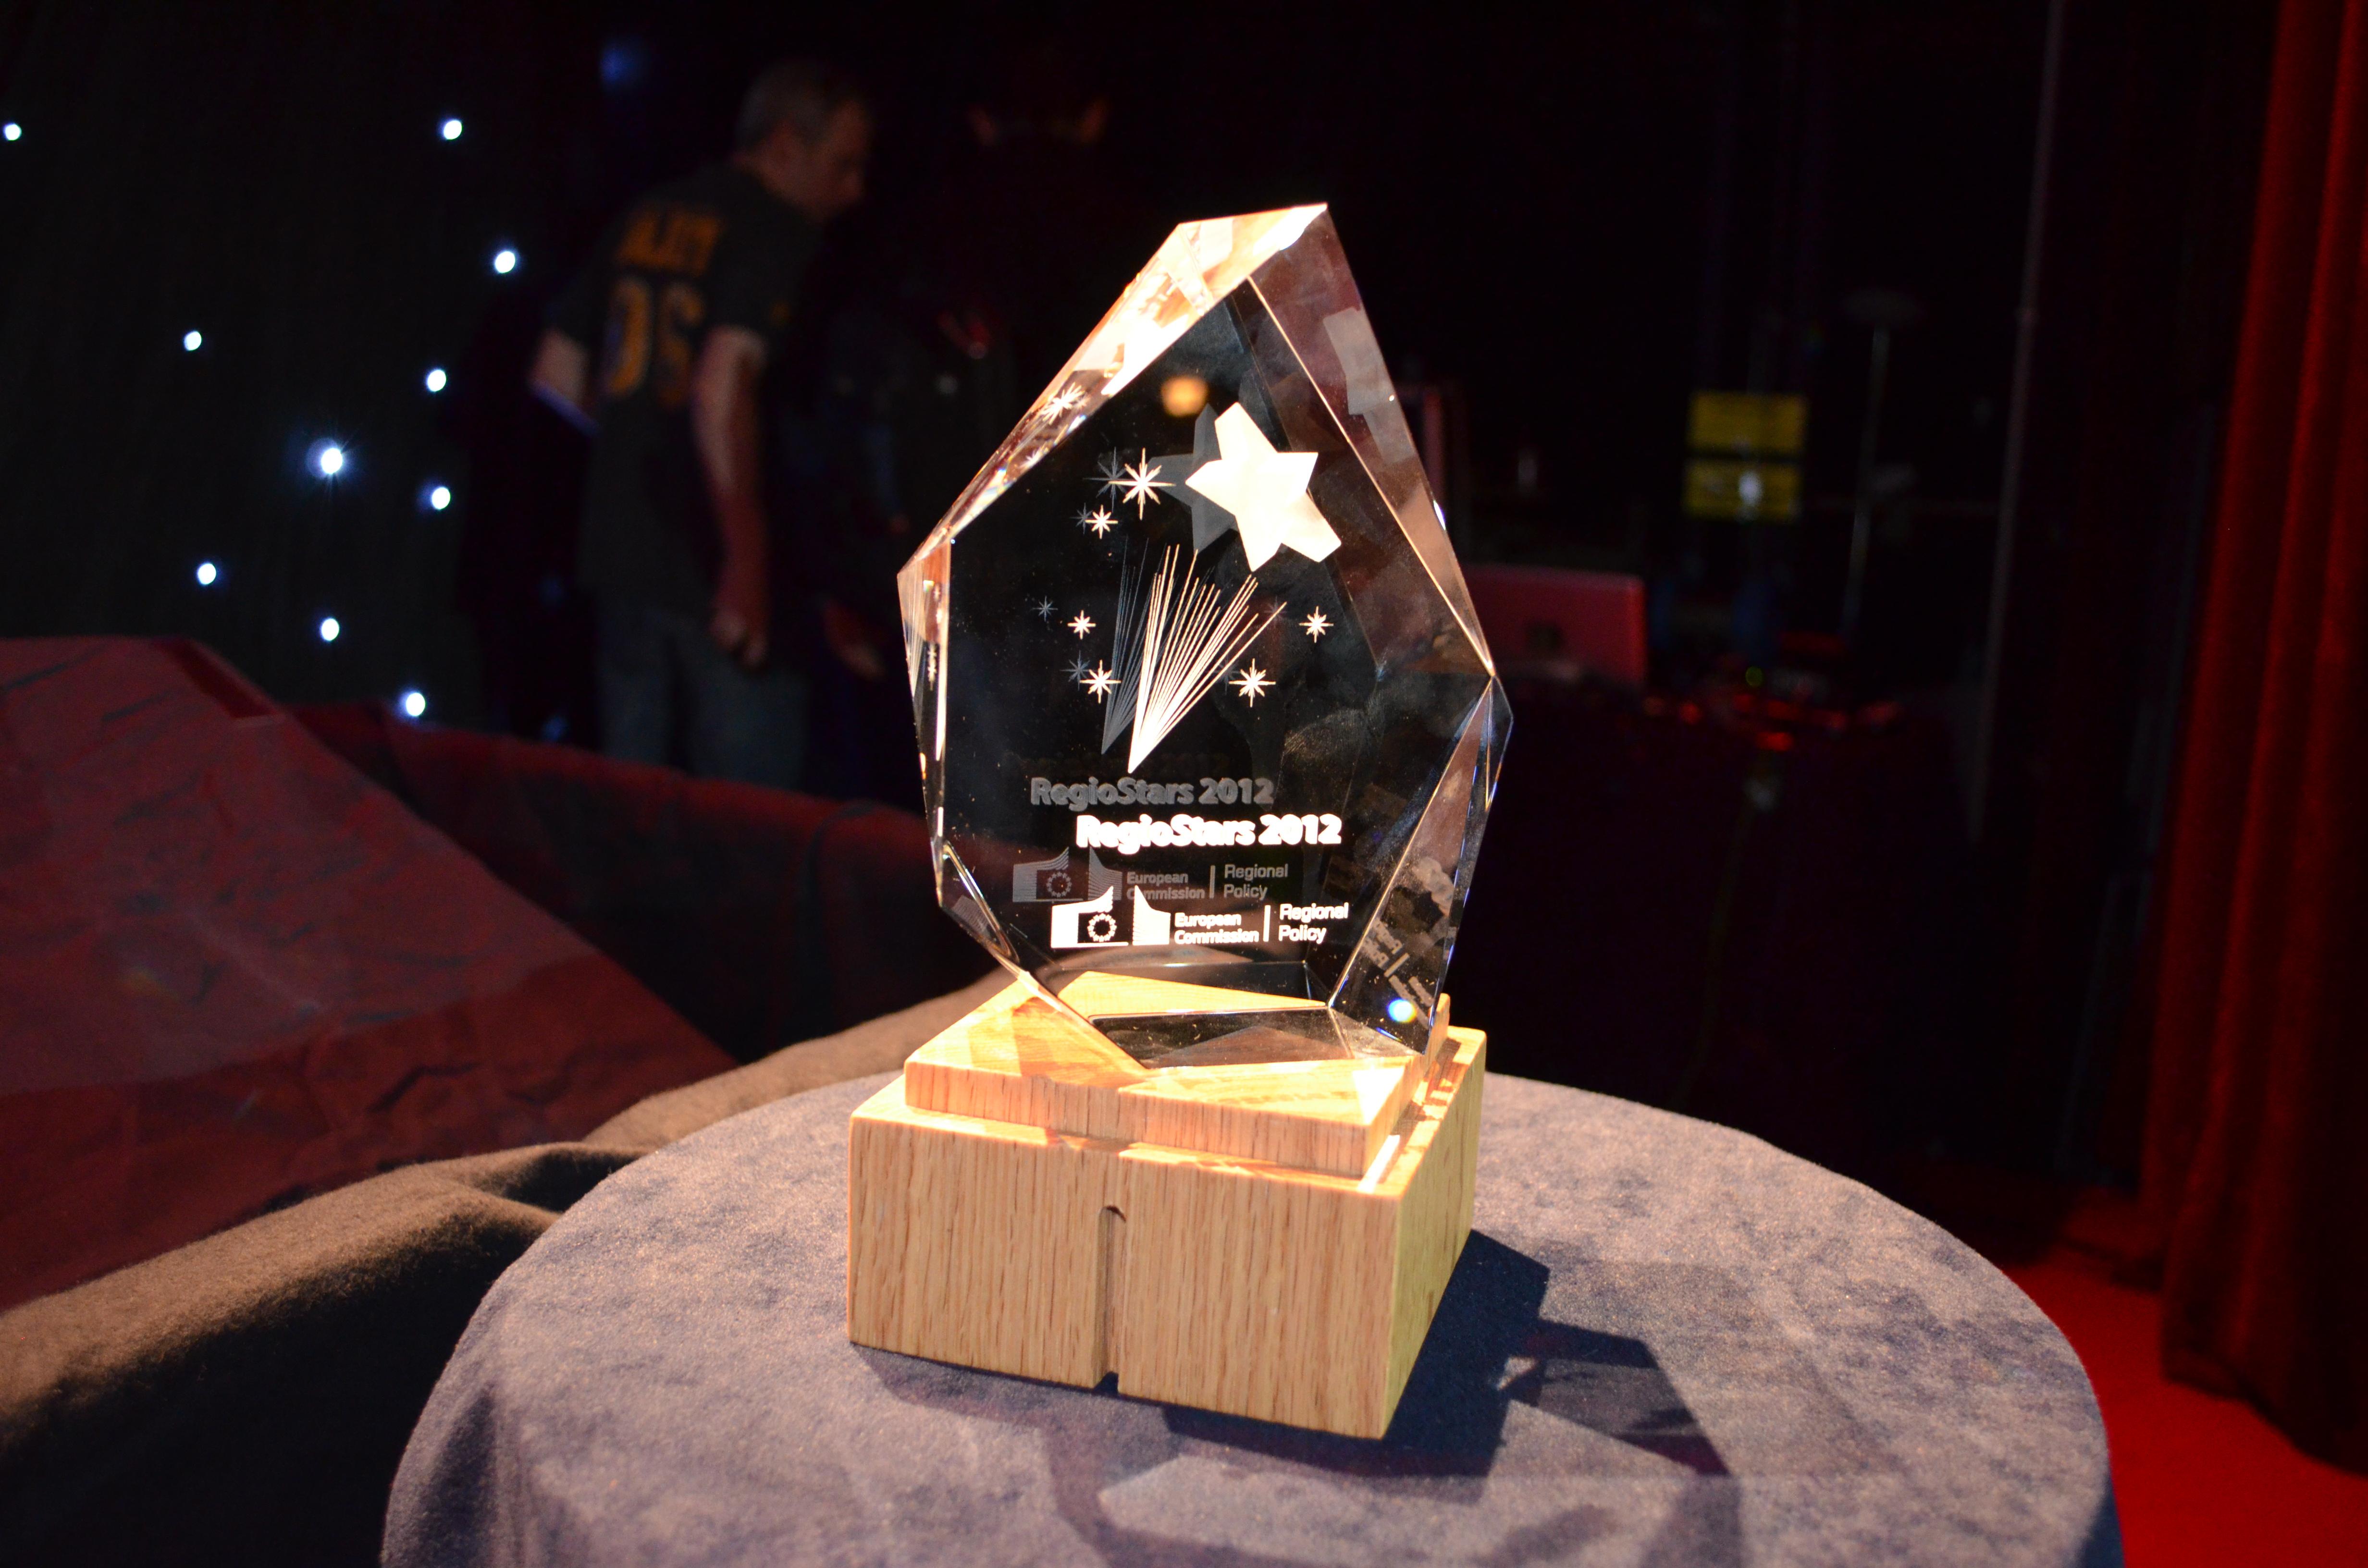 RegioStars 2012 Award